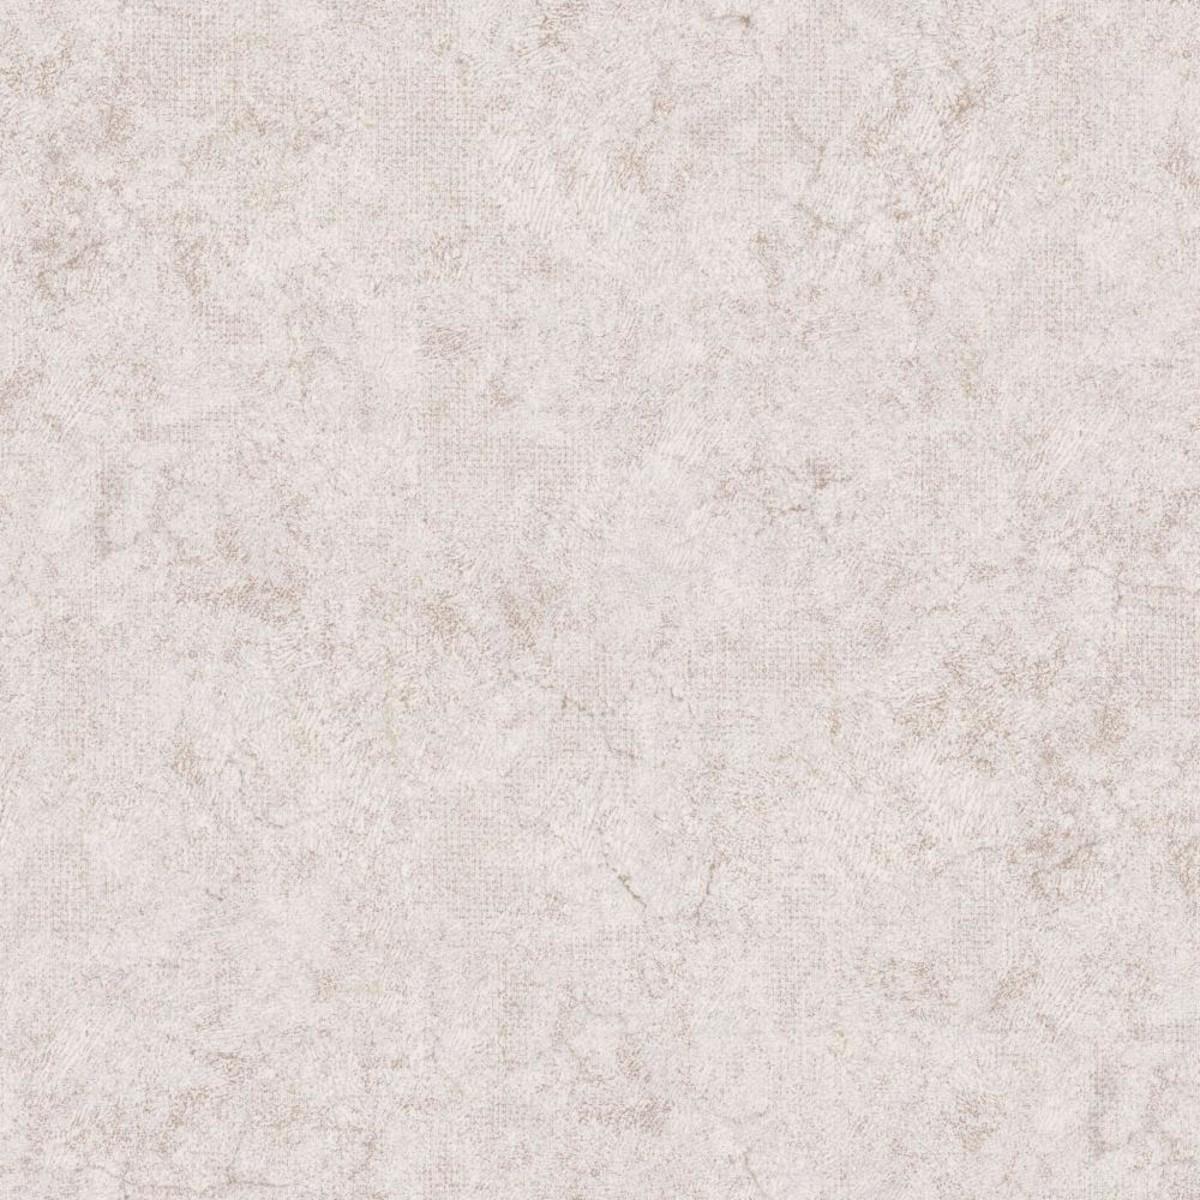 Обои флизелиновые HOME COLOR Losa бежевые HC31075-21 1.06 м